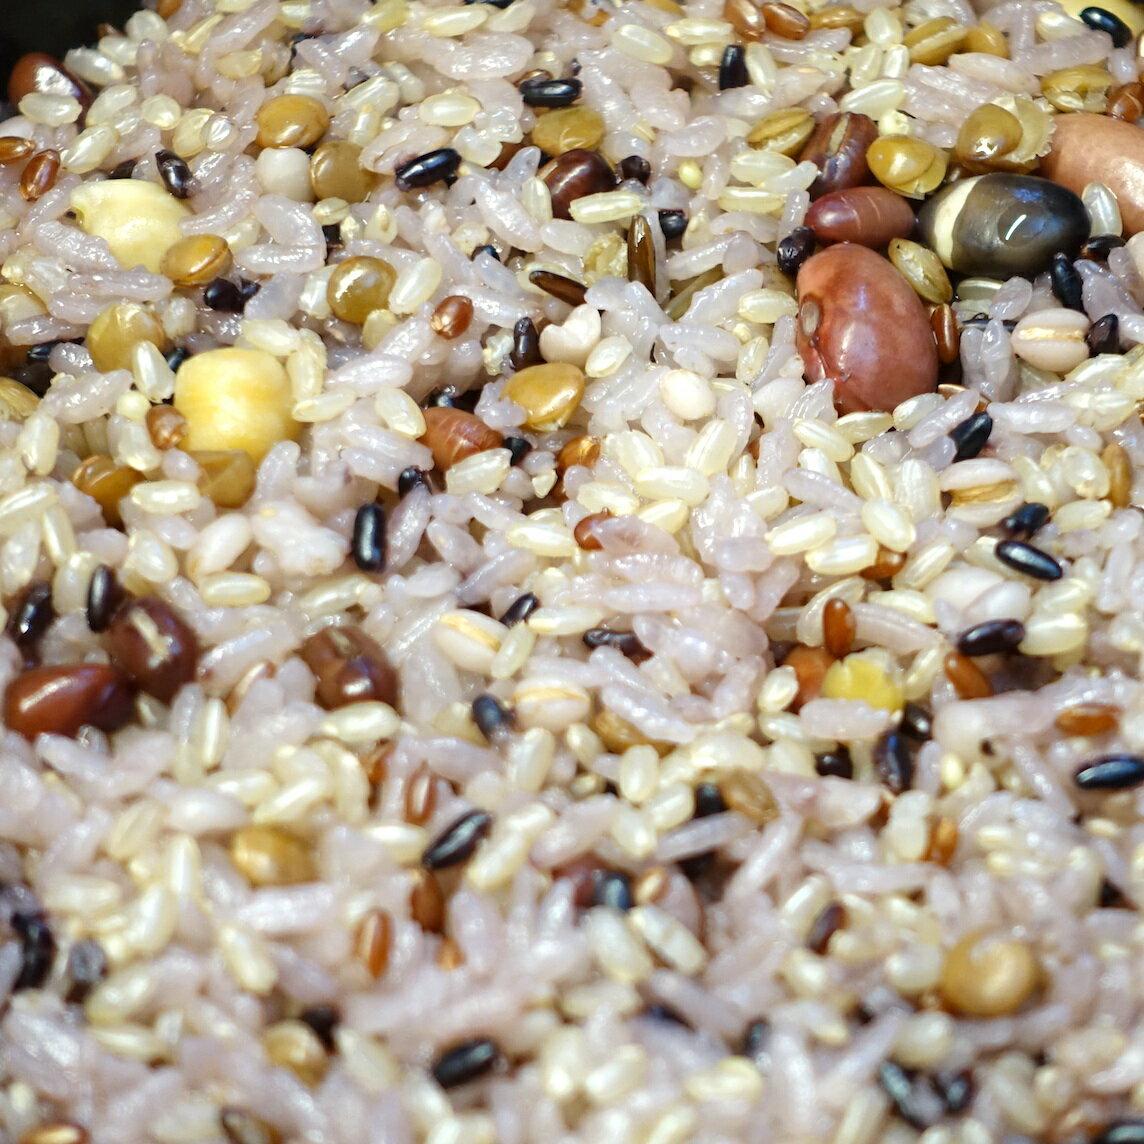 縄文米 1.5Kg (豆入り) 高級雑穀米【有機栽培・放射能検査済み・特別栽培】お徳用サイズ